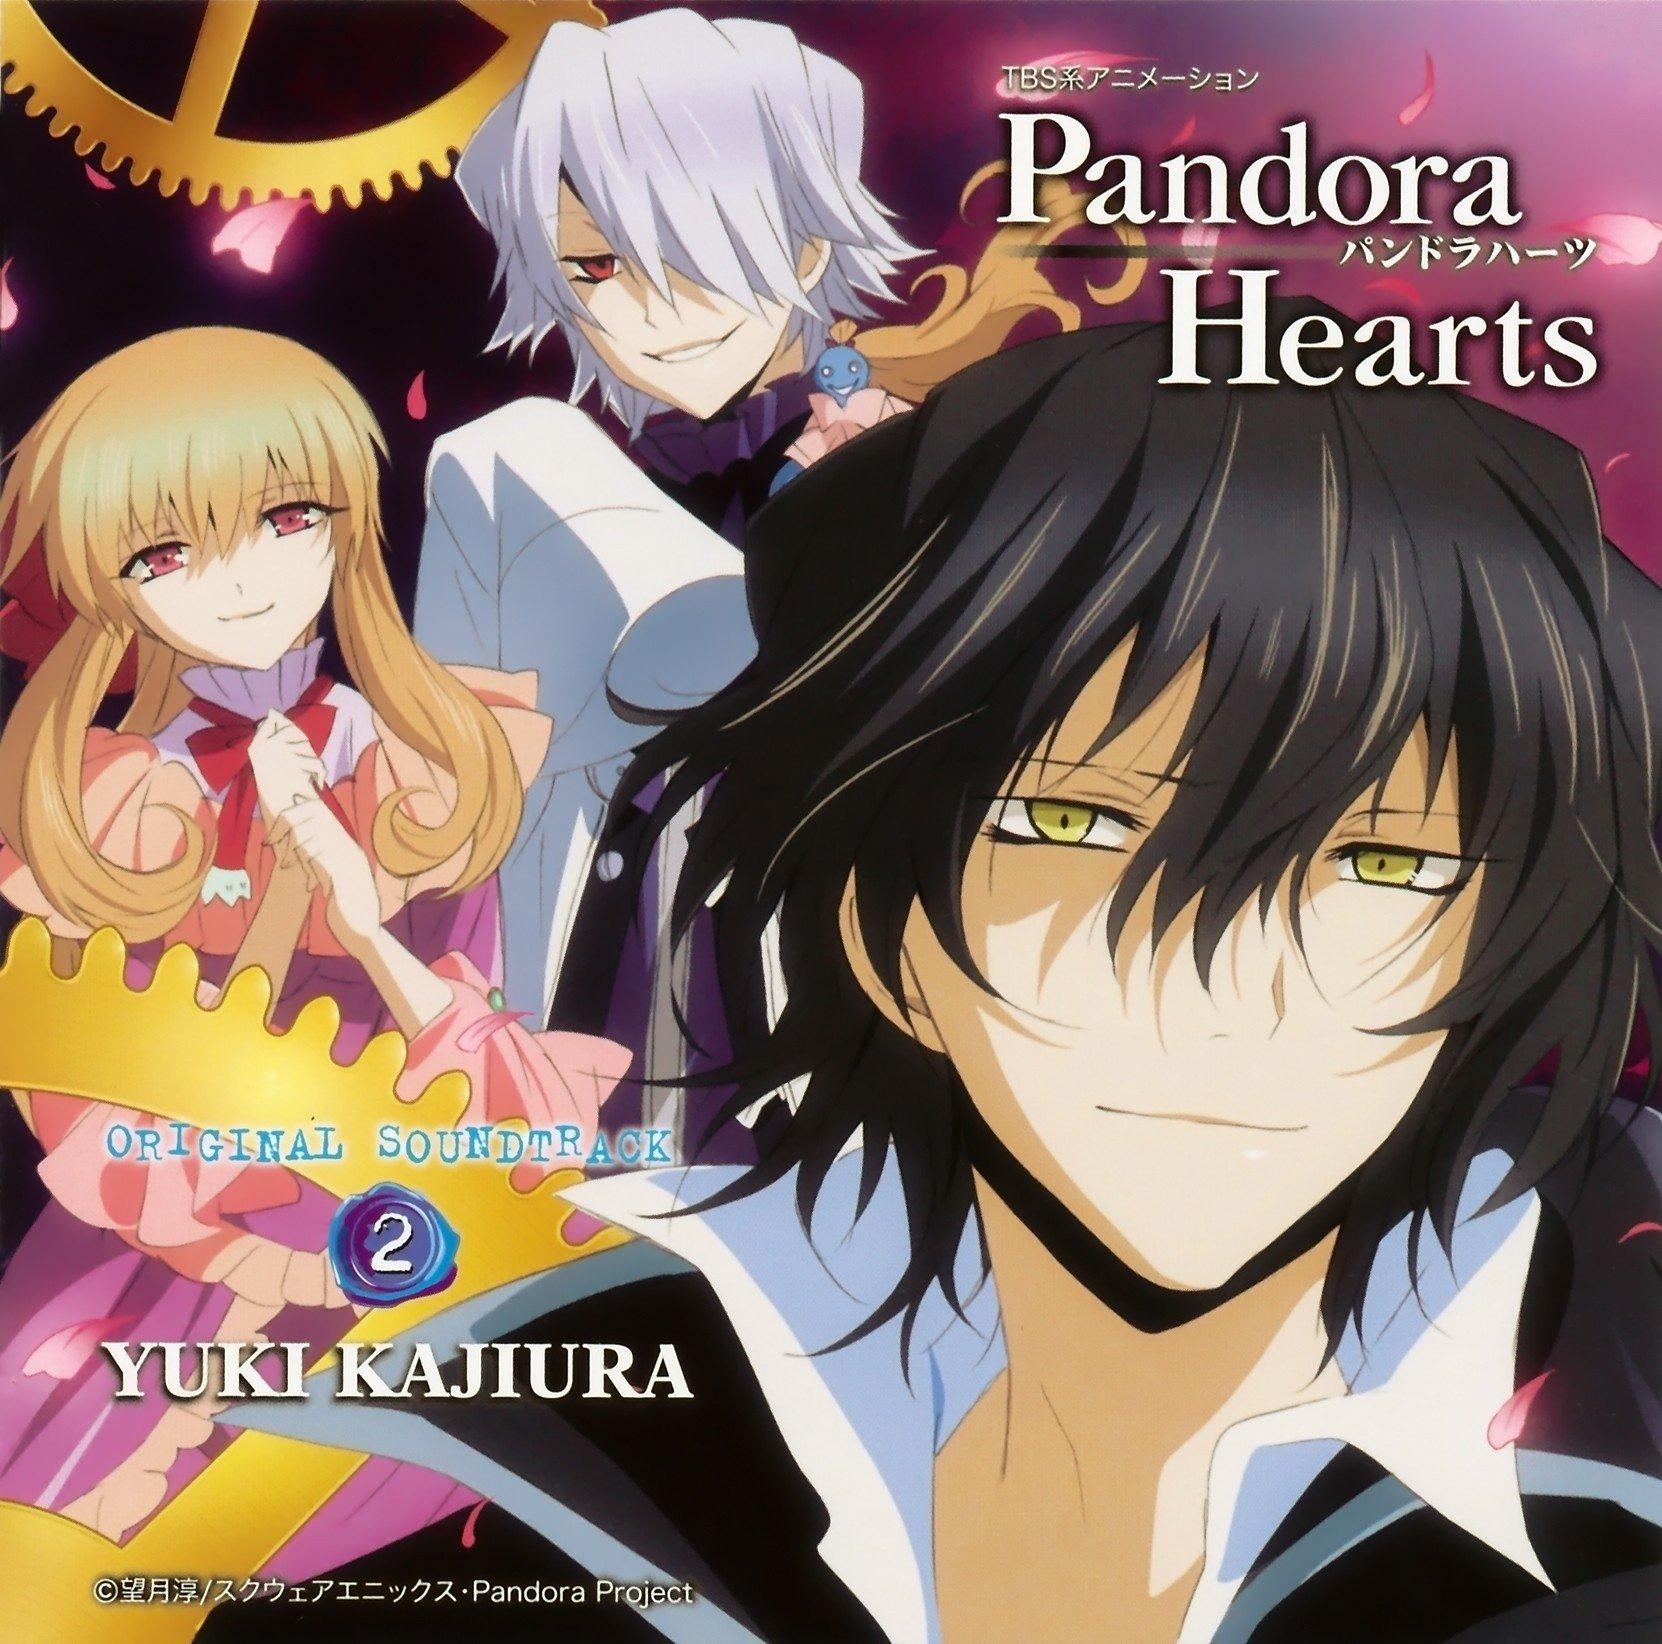 梶浦由記 (Yuki Kajiura) – PandoraHearts オリジナル・サウンドトラック 2 [FLAC / 24bit Lossless / WEB] [2009.09.30]